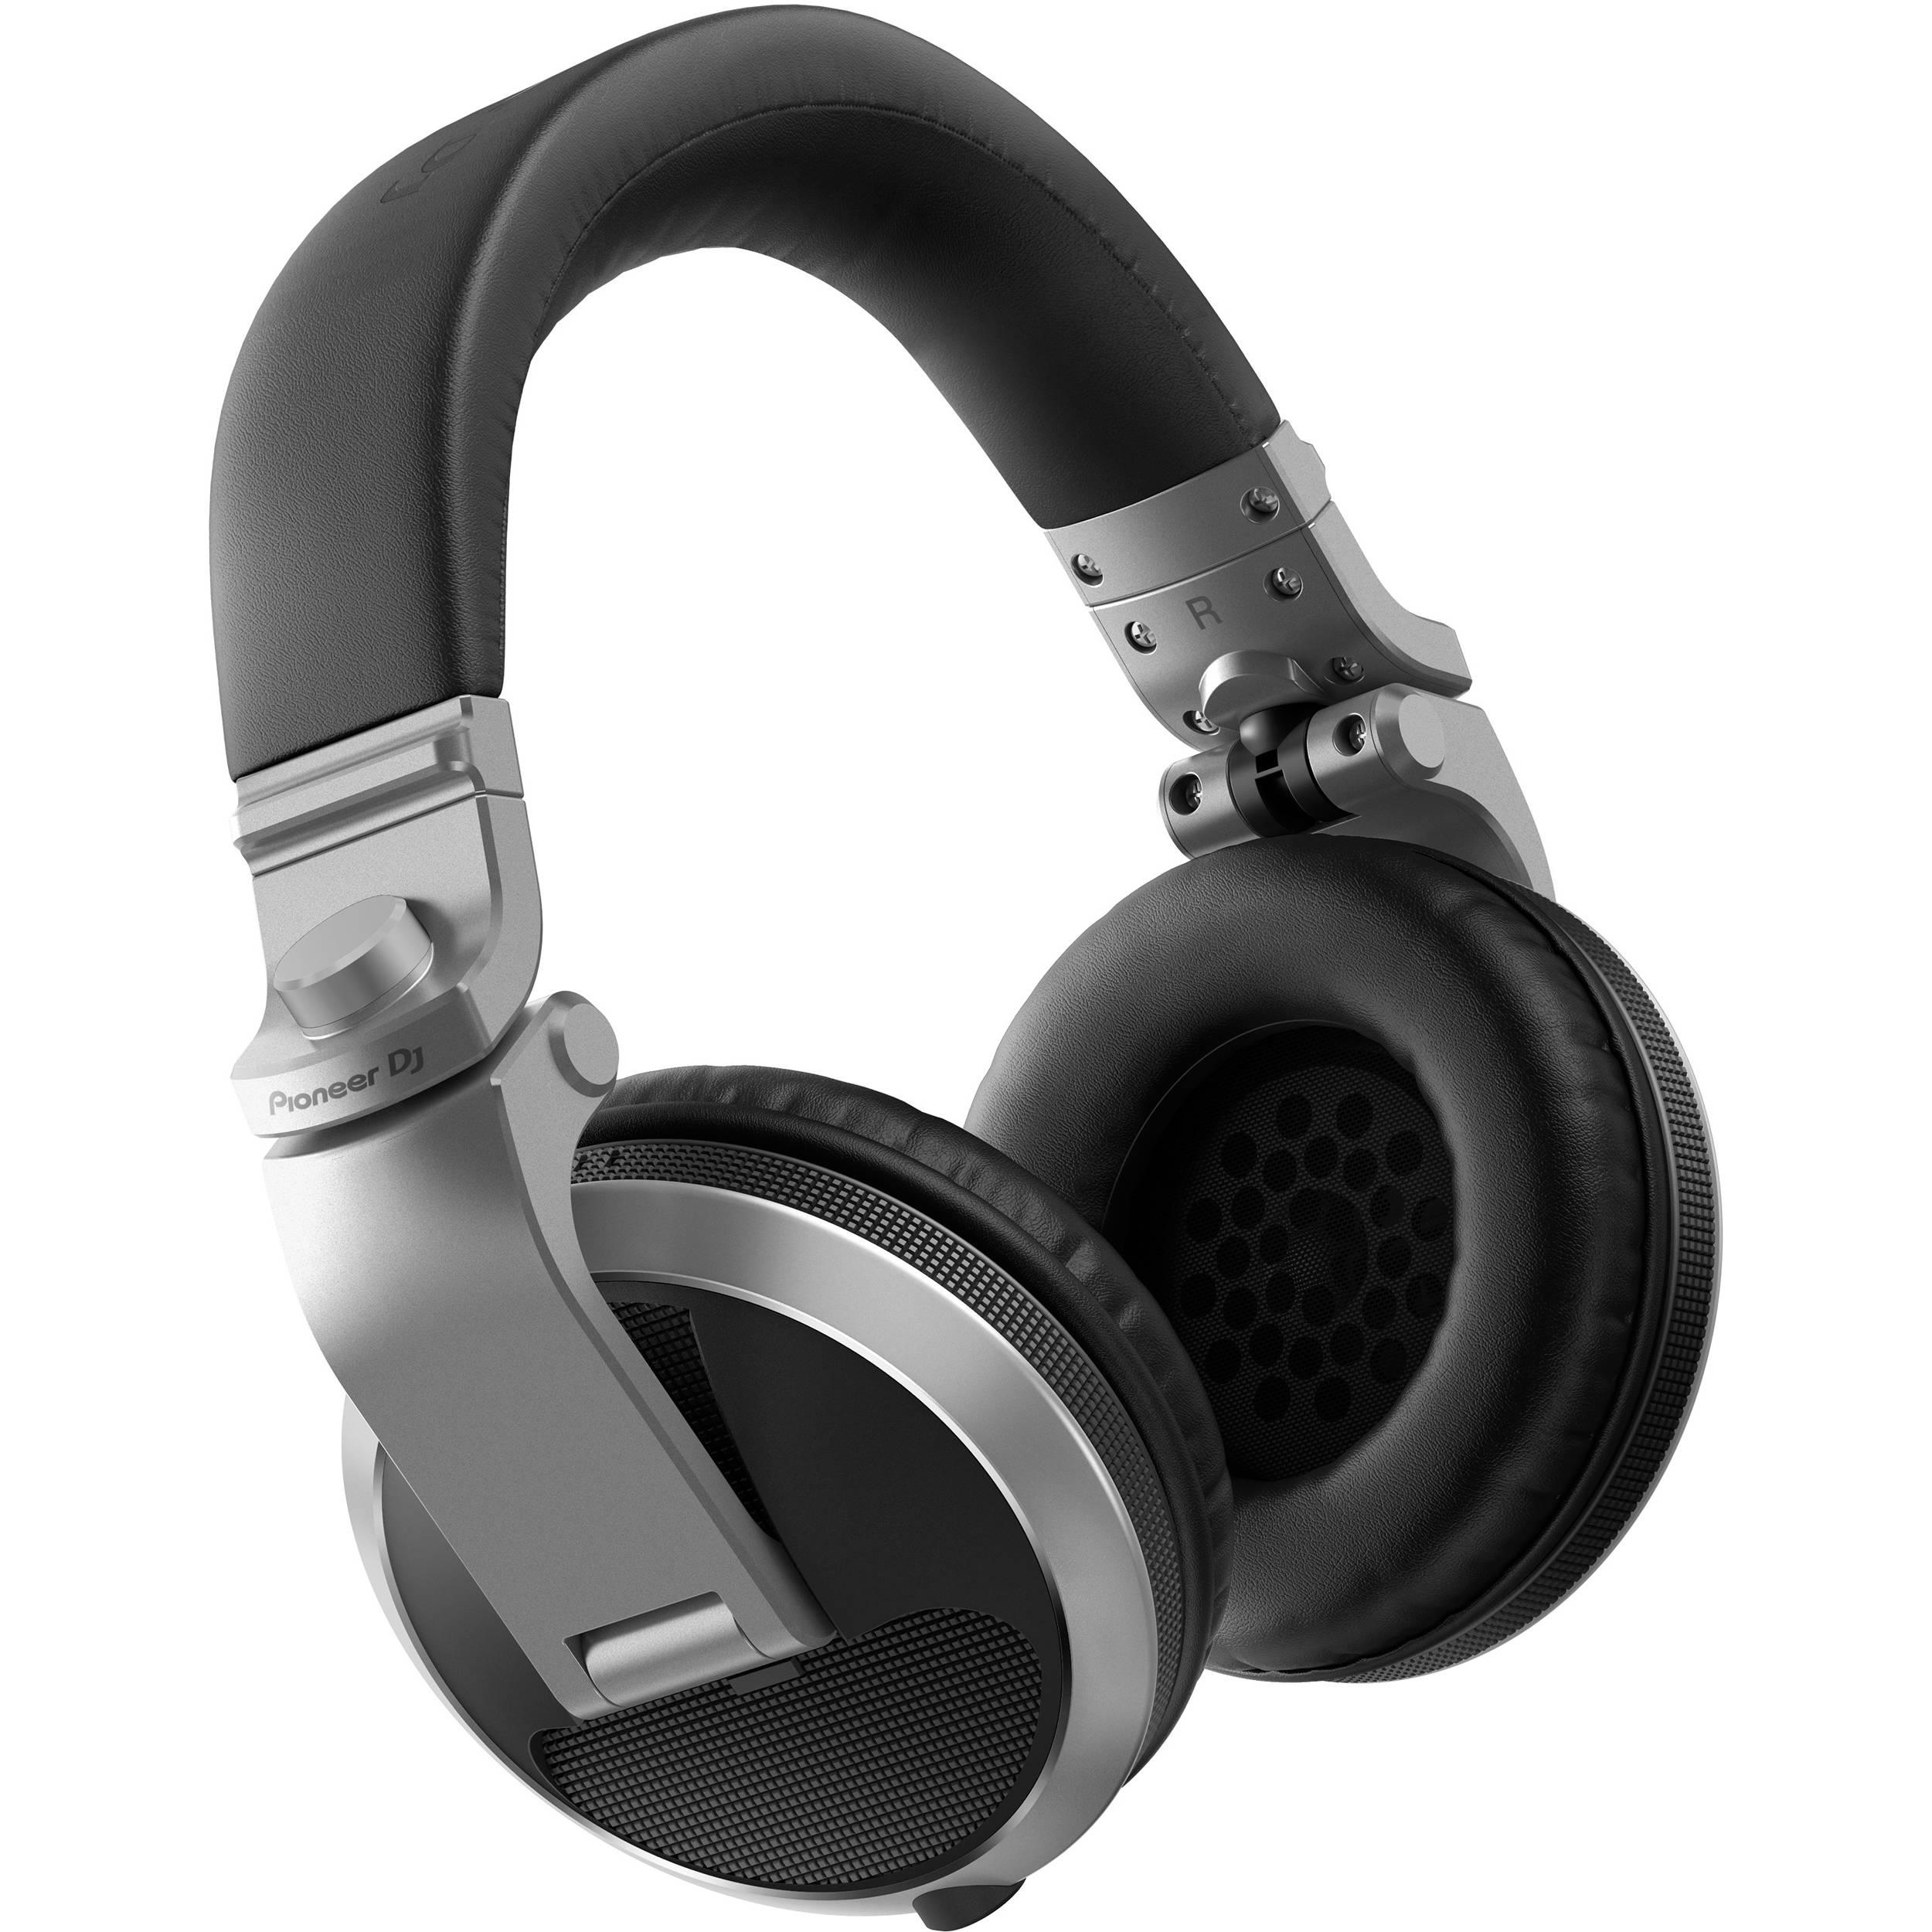 PIONEER HDJ1500S PROFESSIONAL DJ HEADPHONES IN SILVER REVIEW